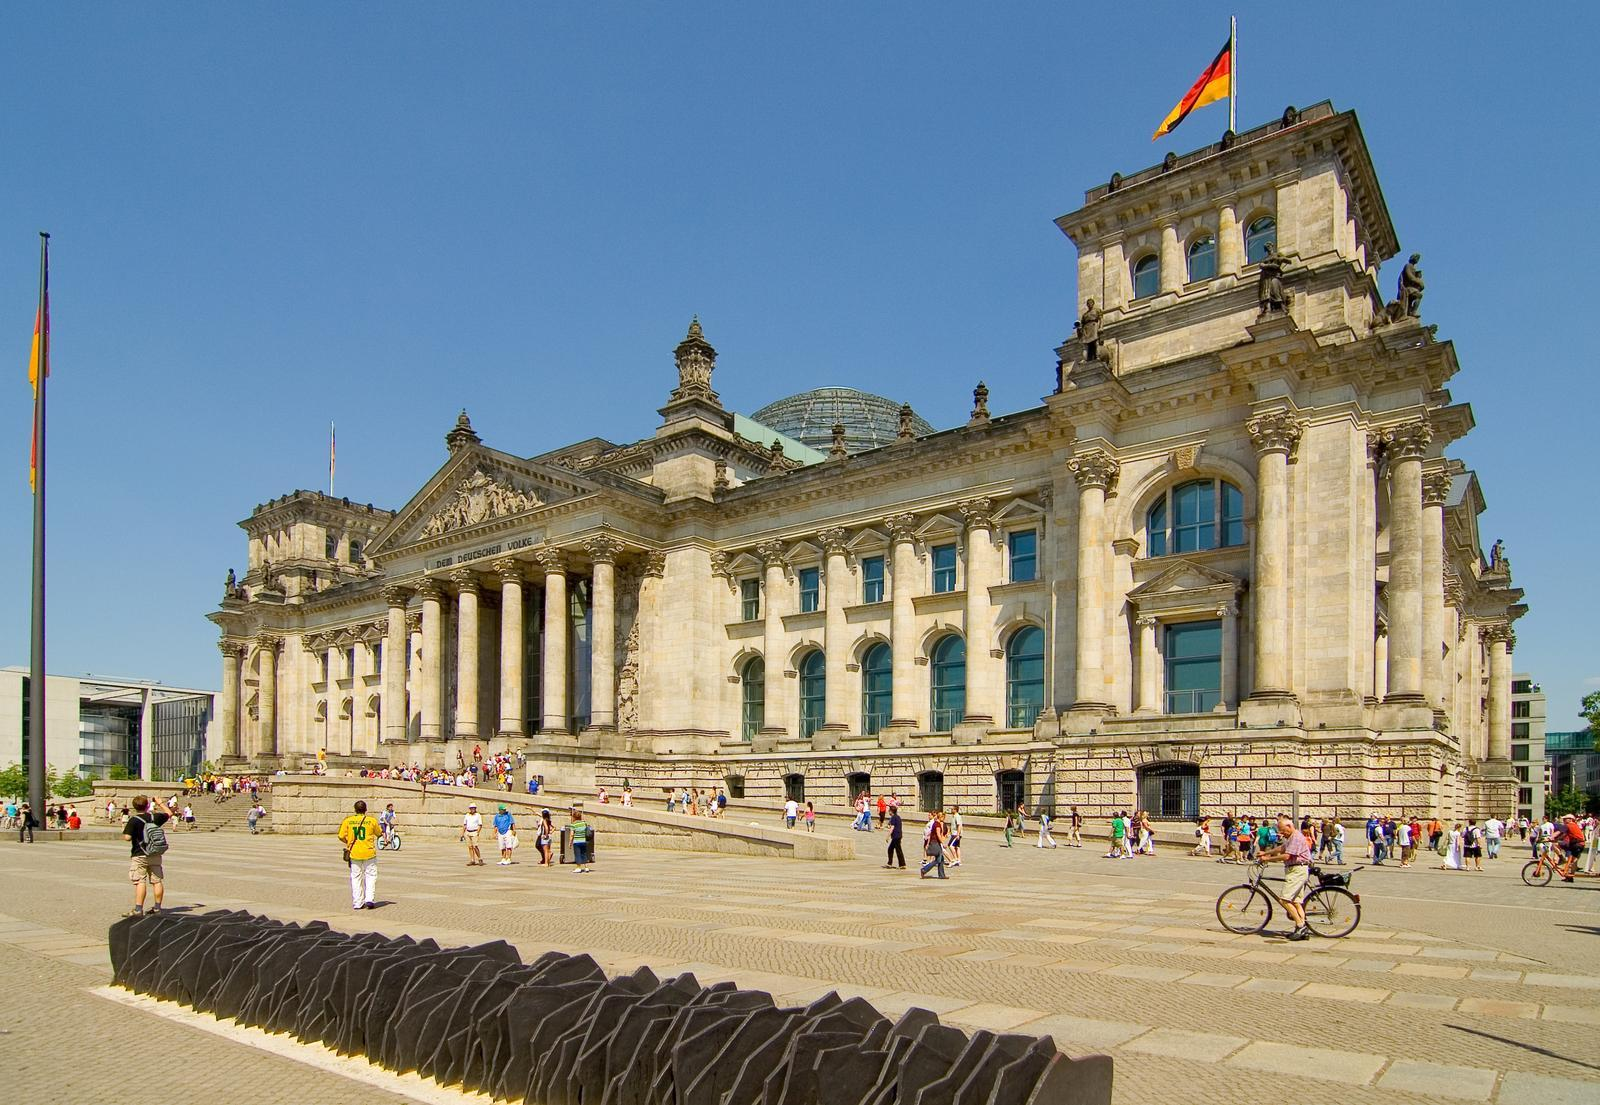 reichstag1 Visit the Reichstag in Berlin